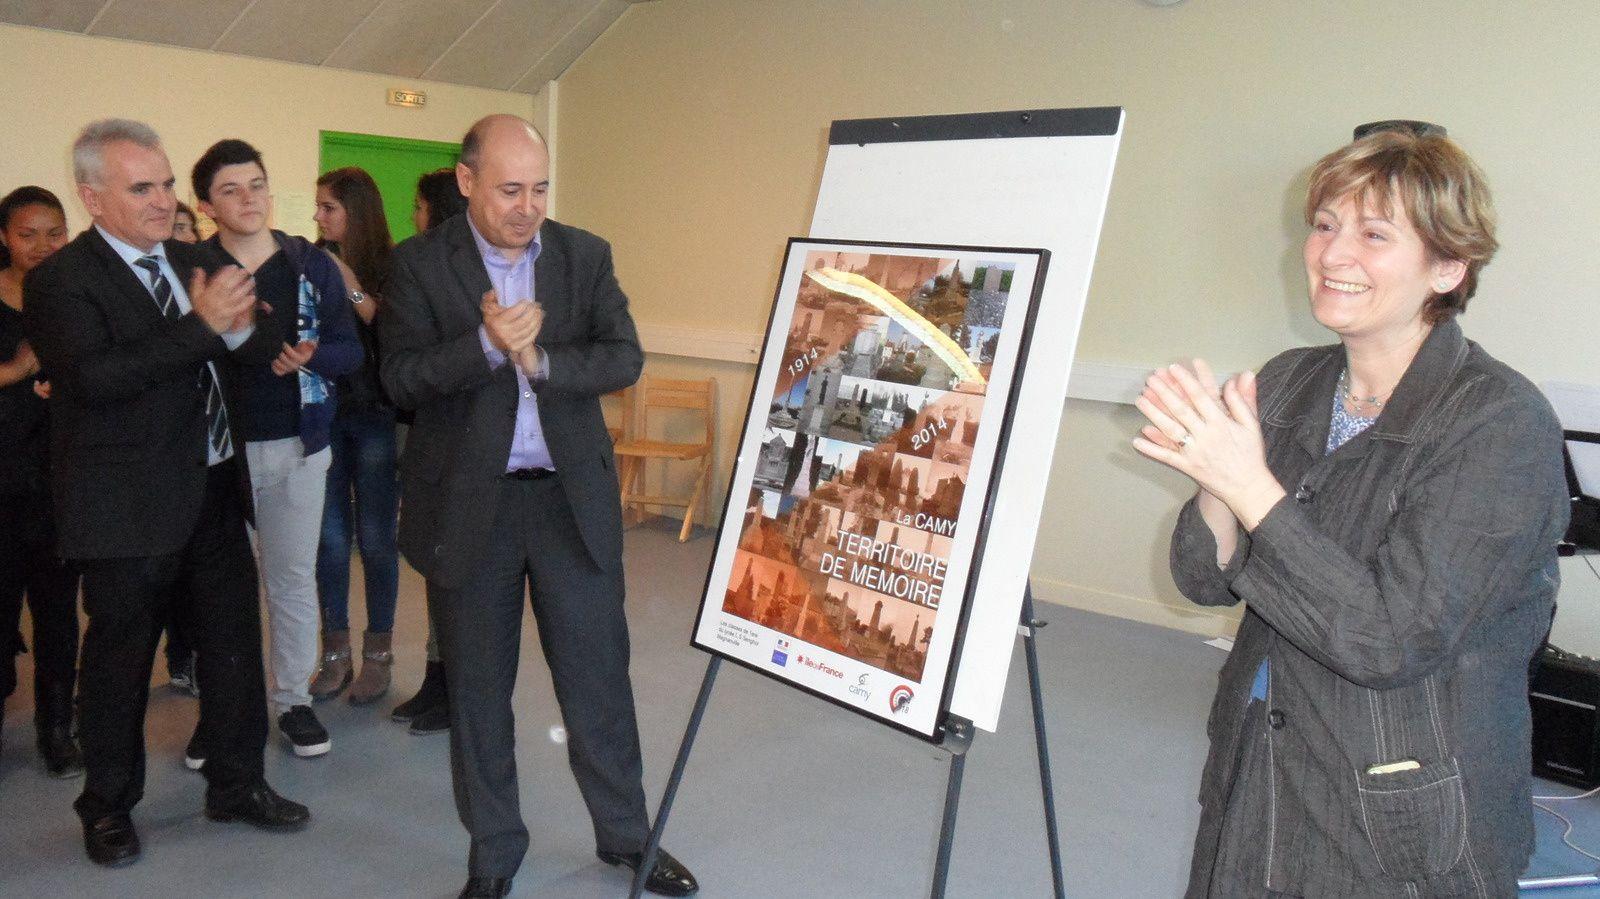 Mme Descamp-Crosnier et M. Martinez dévoilant l'affiche des monuments aux morts de la CAMY